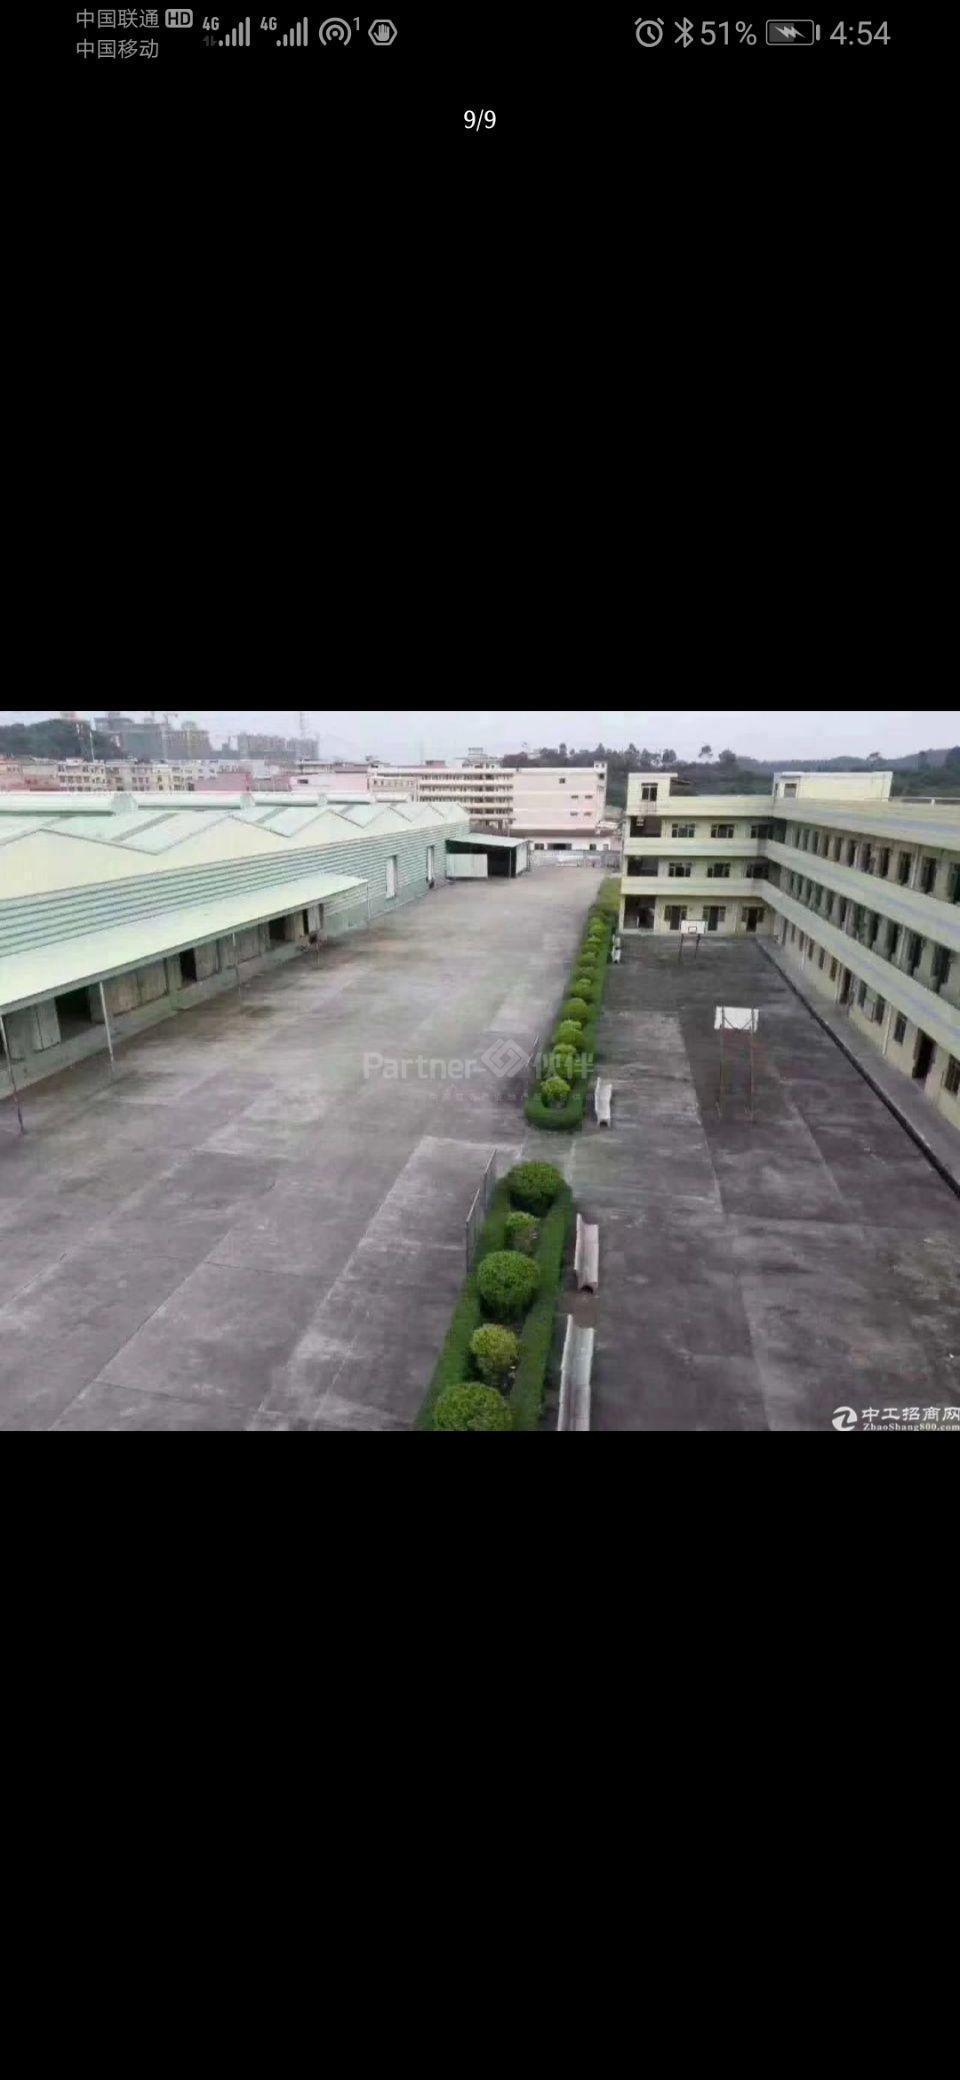 沙井107国道旁物流仓库22000平米出租